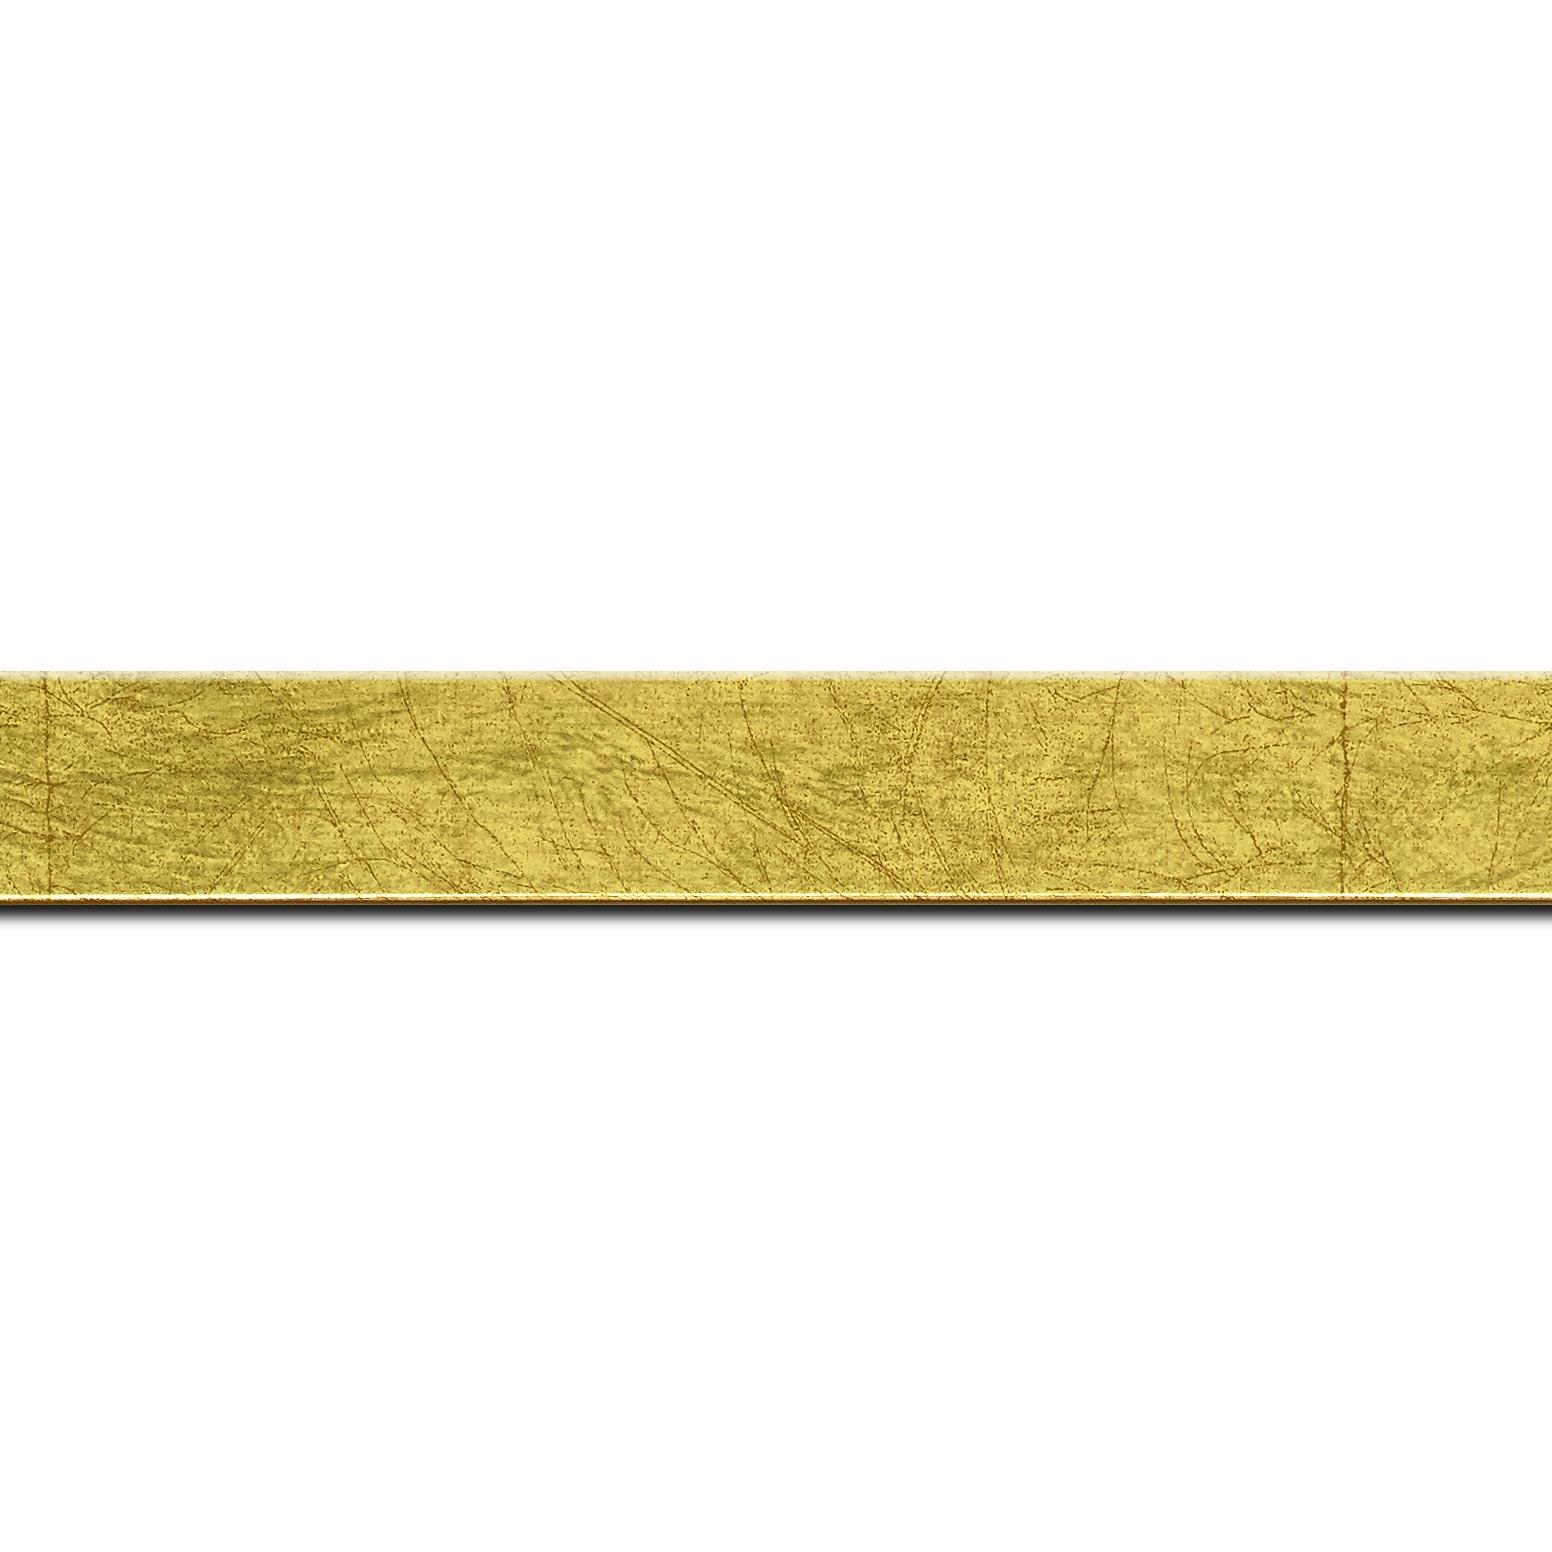 Baguette longueur 1.40m bois profil plat largeur 2.5cm hauteur 4.8cm or effet marbré (hauteur feuillure 4.3cm )